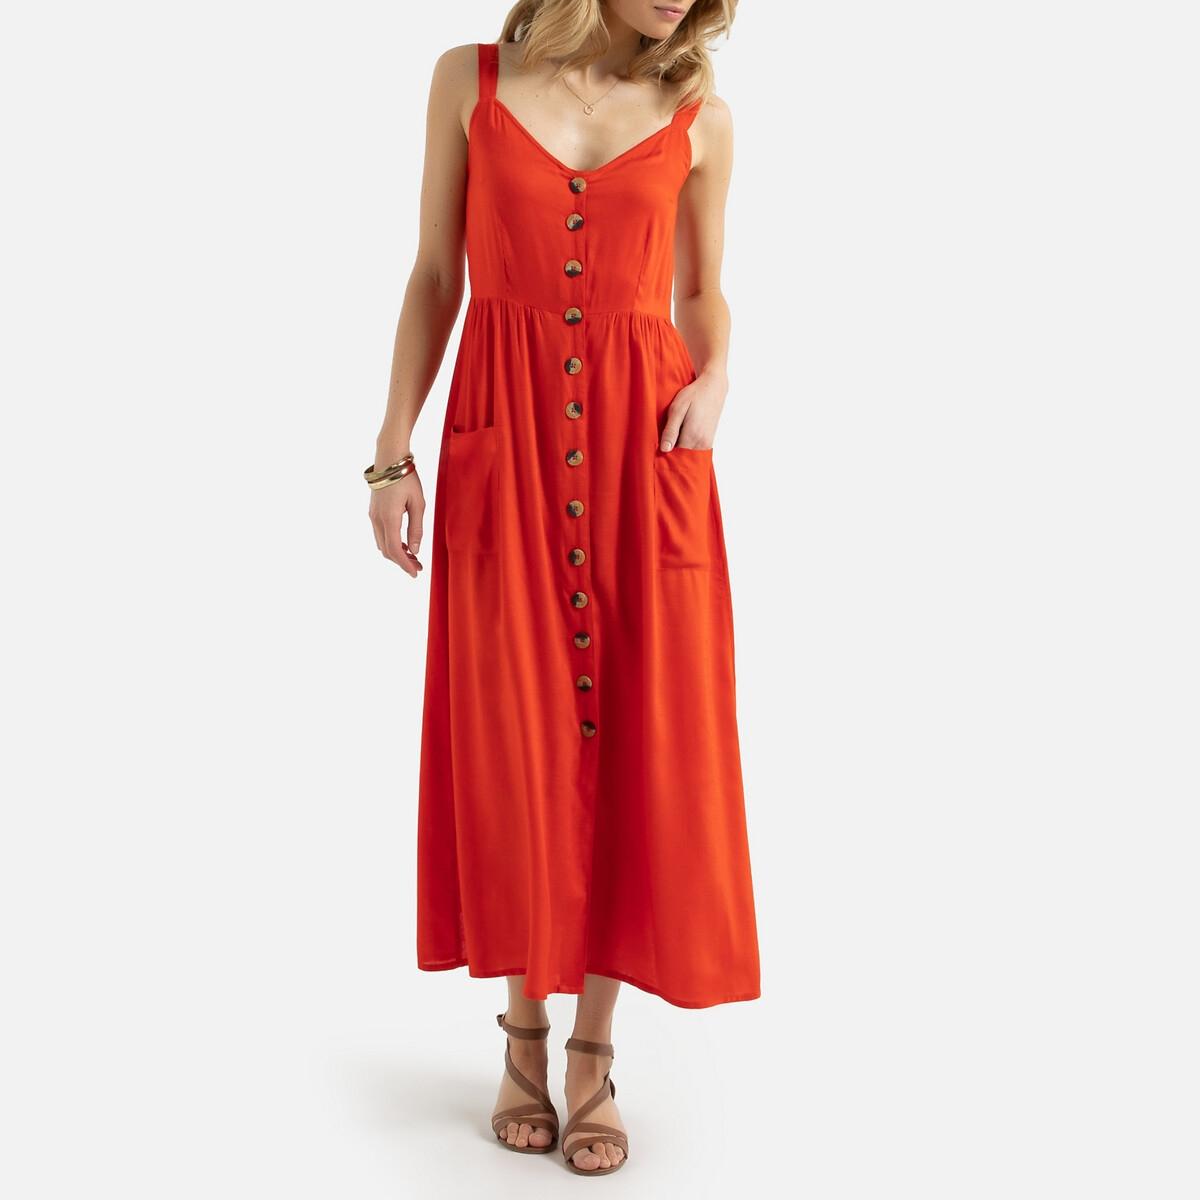 Платье La Redoute Длинное струящееся на тонких бретелях 48 (FR) - 54 (RUS) оранжевый